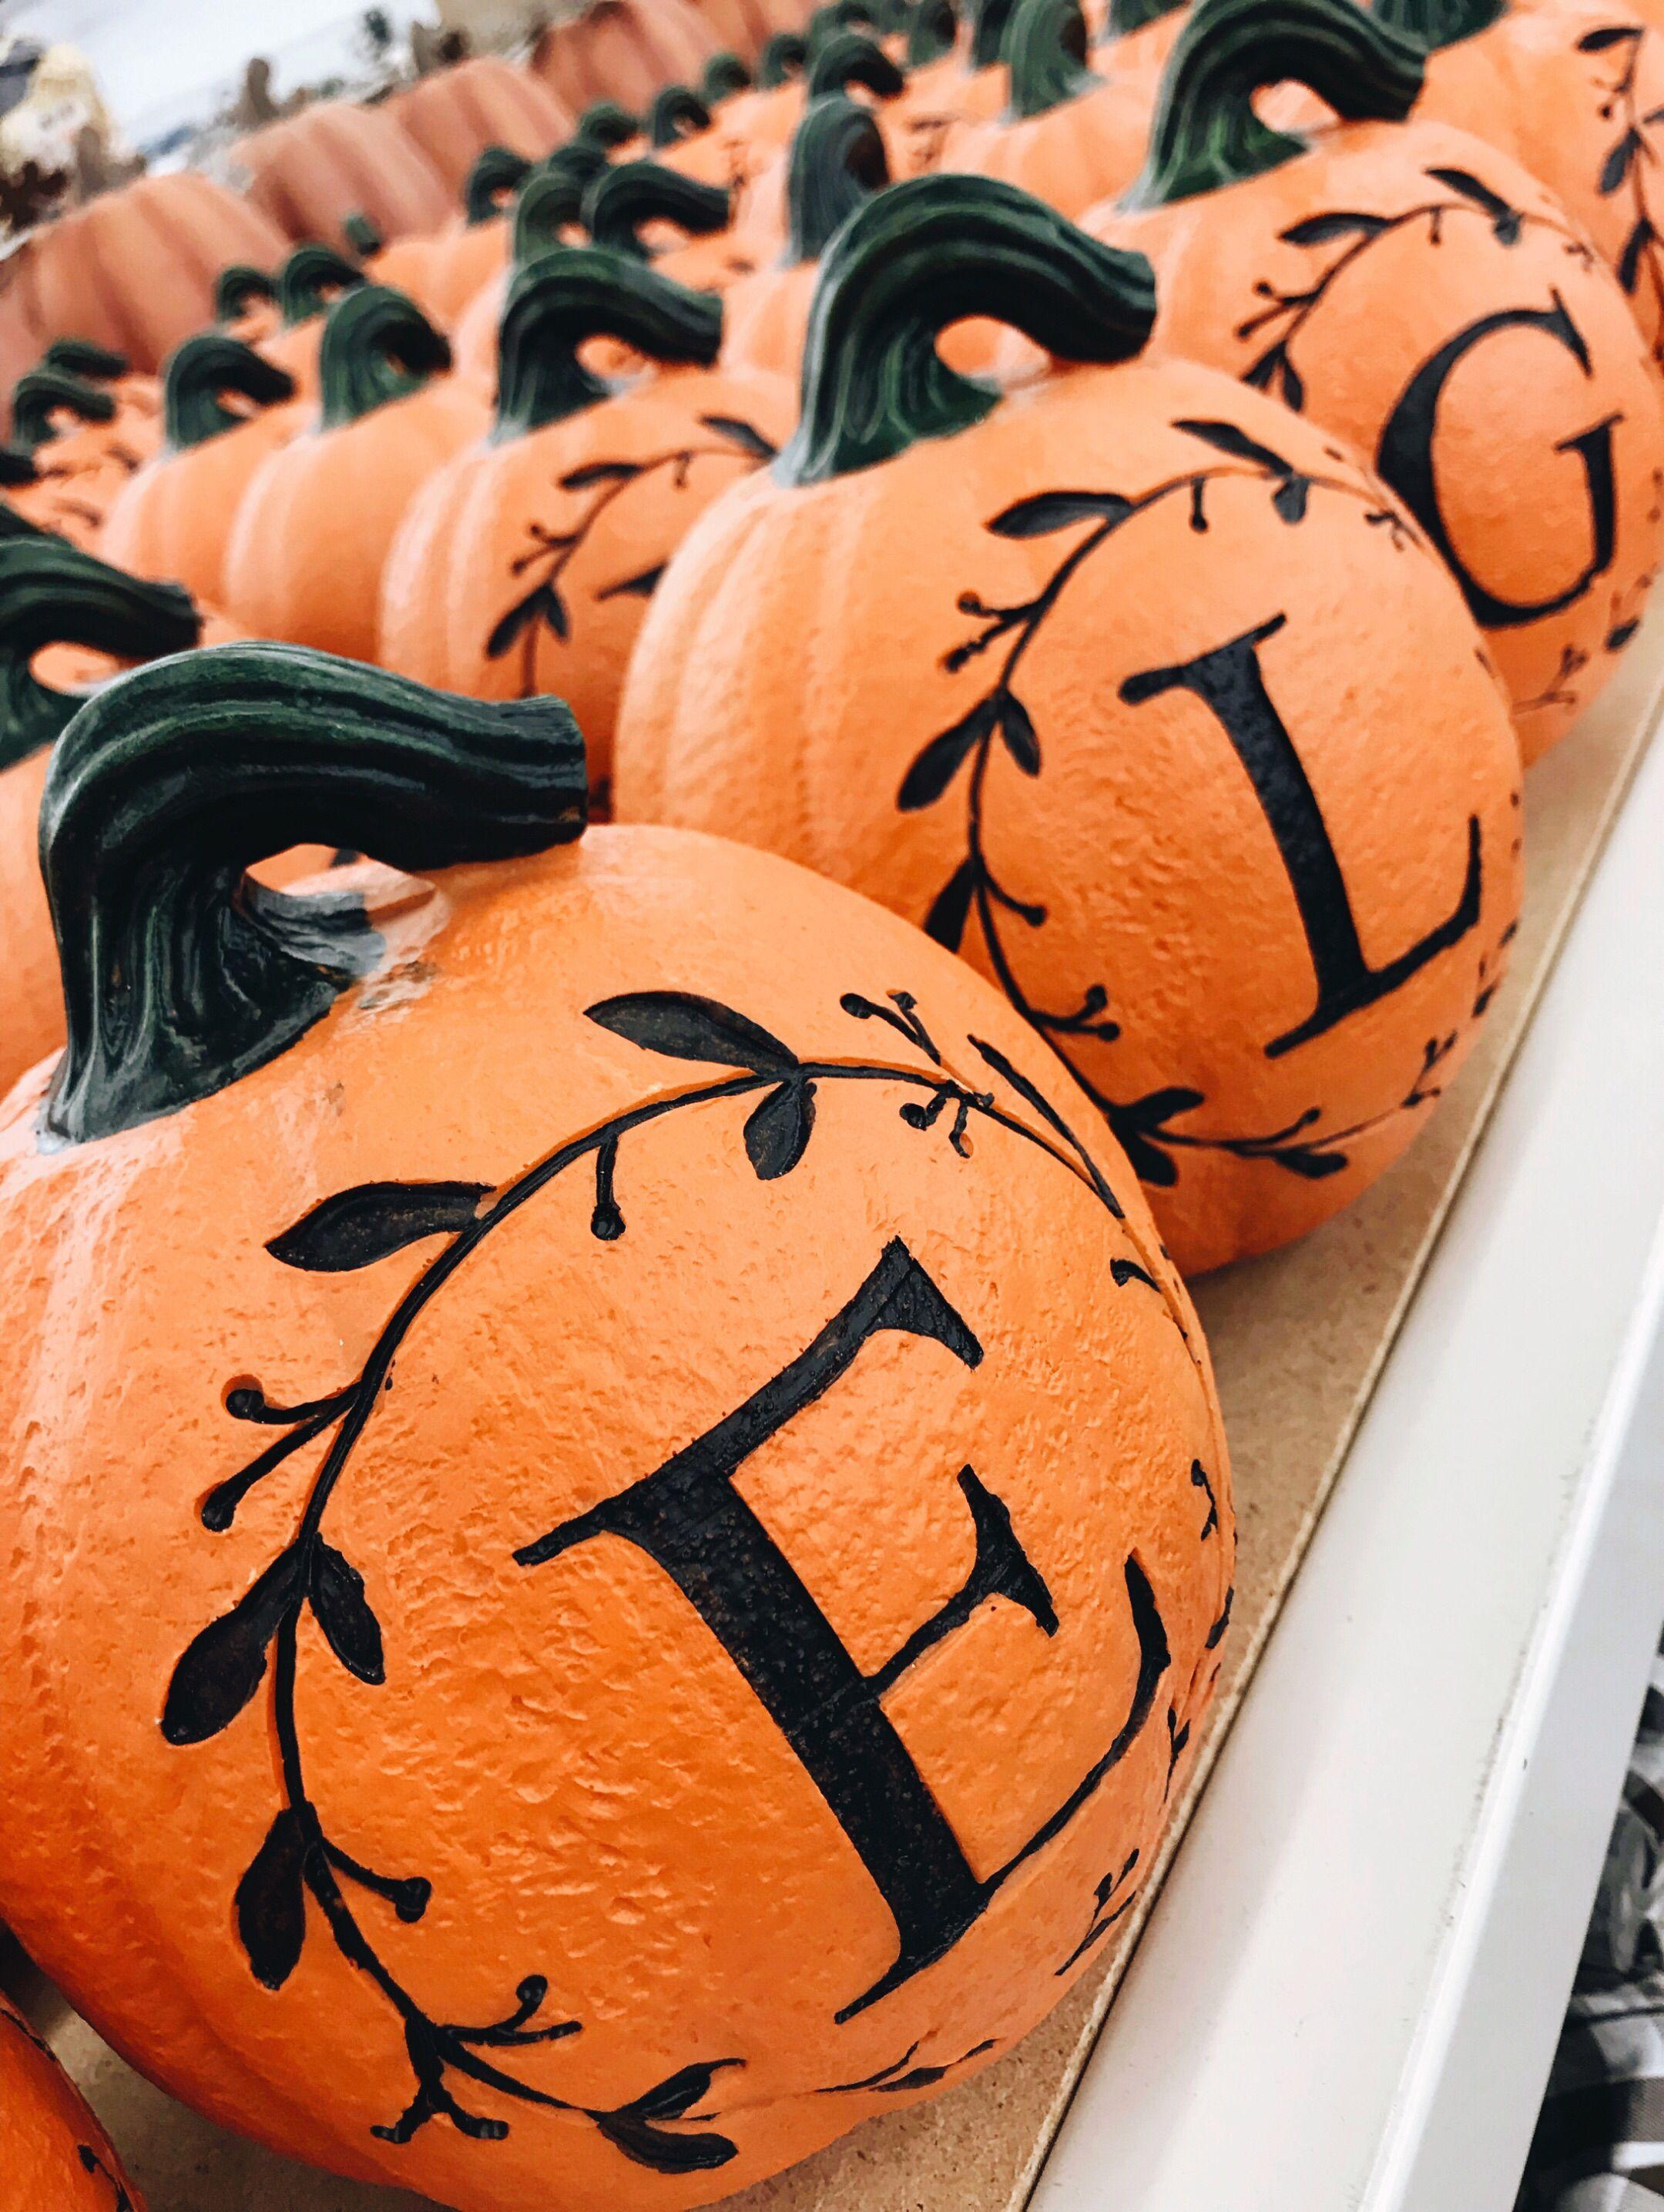 21++ How to make a monogram pumpkin trends